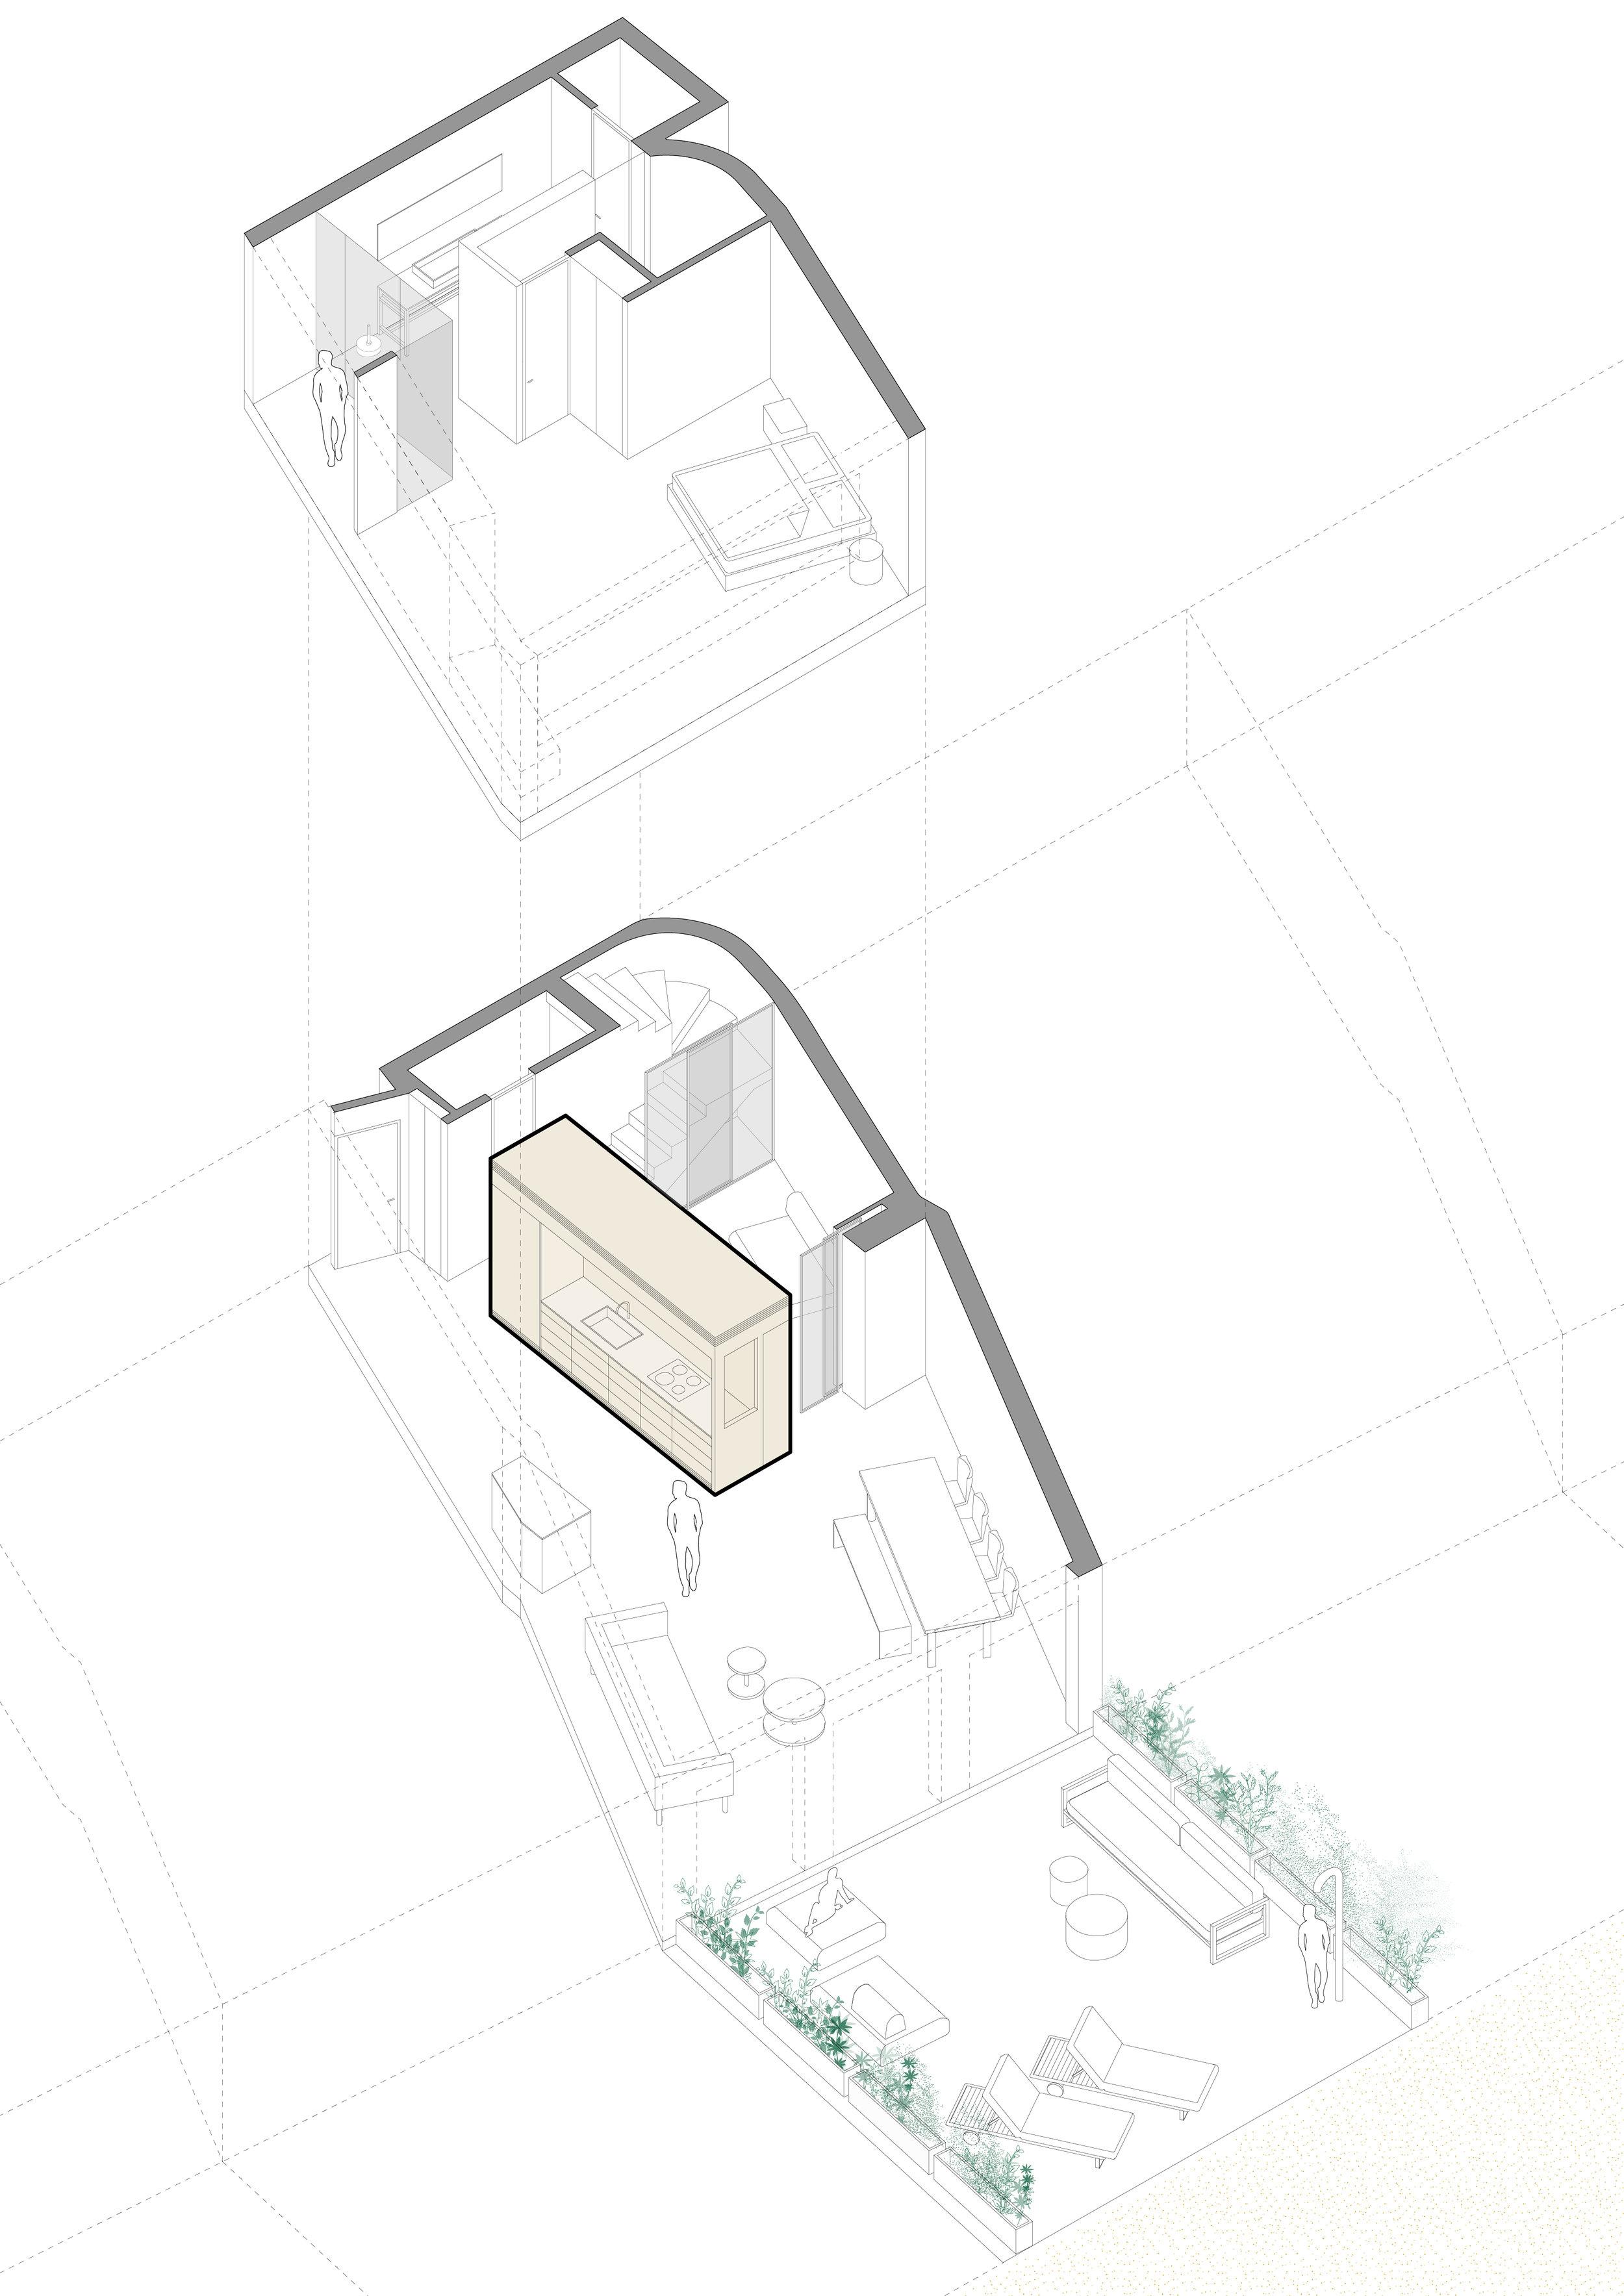 2 floor diagram [Converted]-01-01-01.jpg